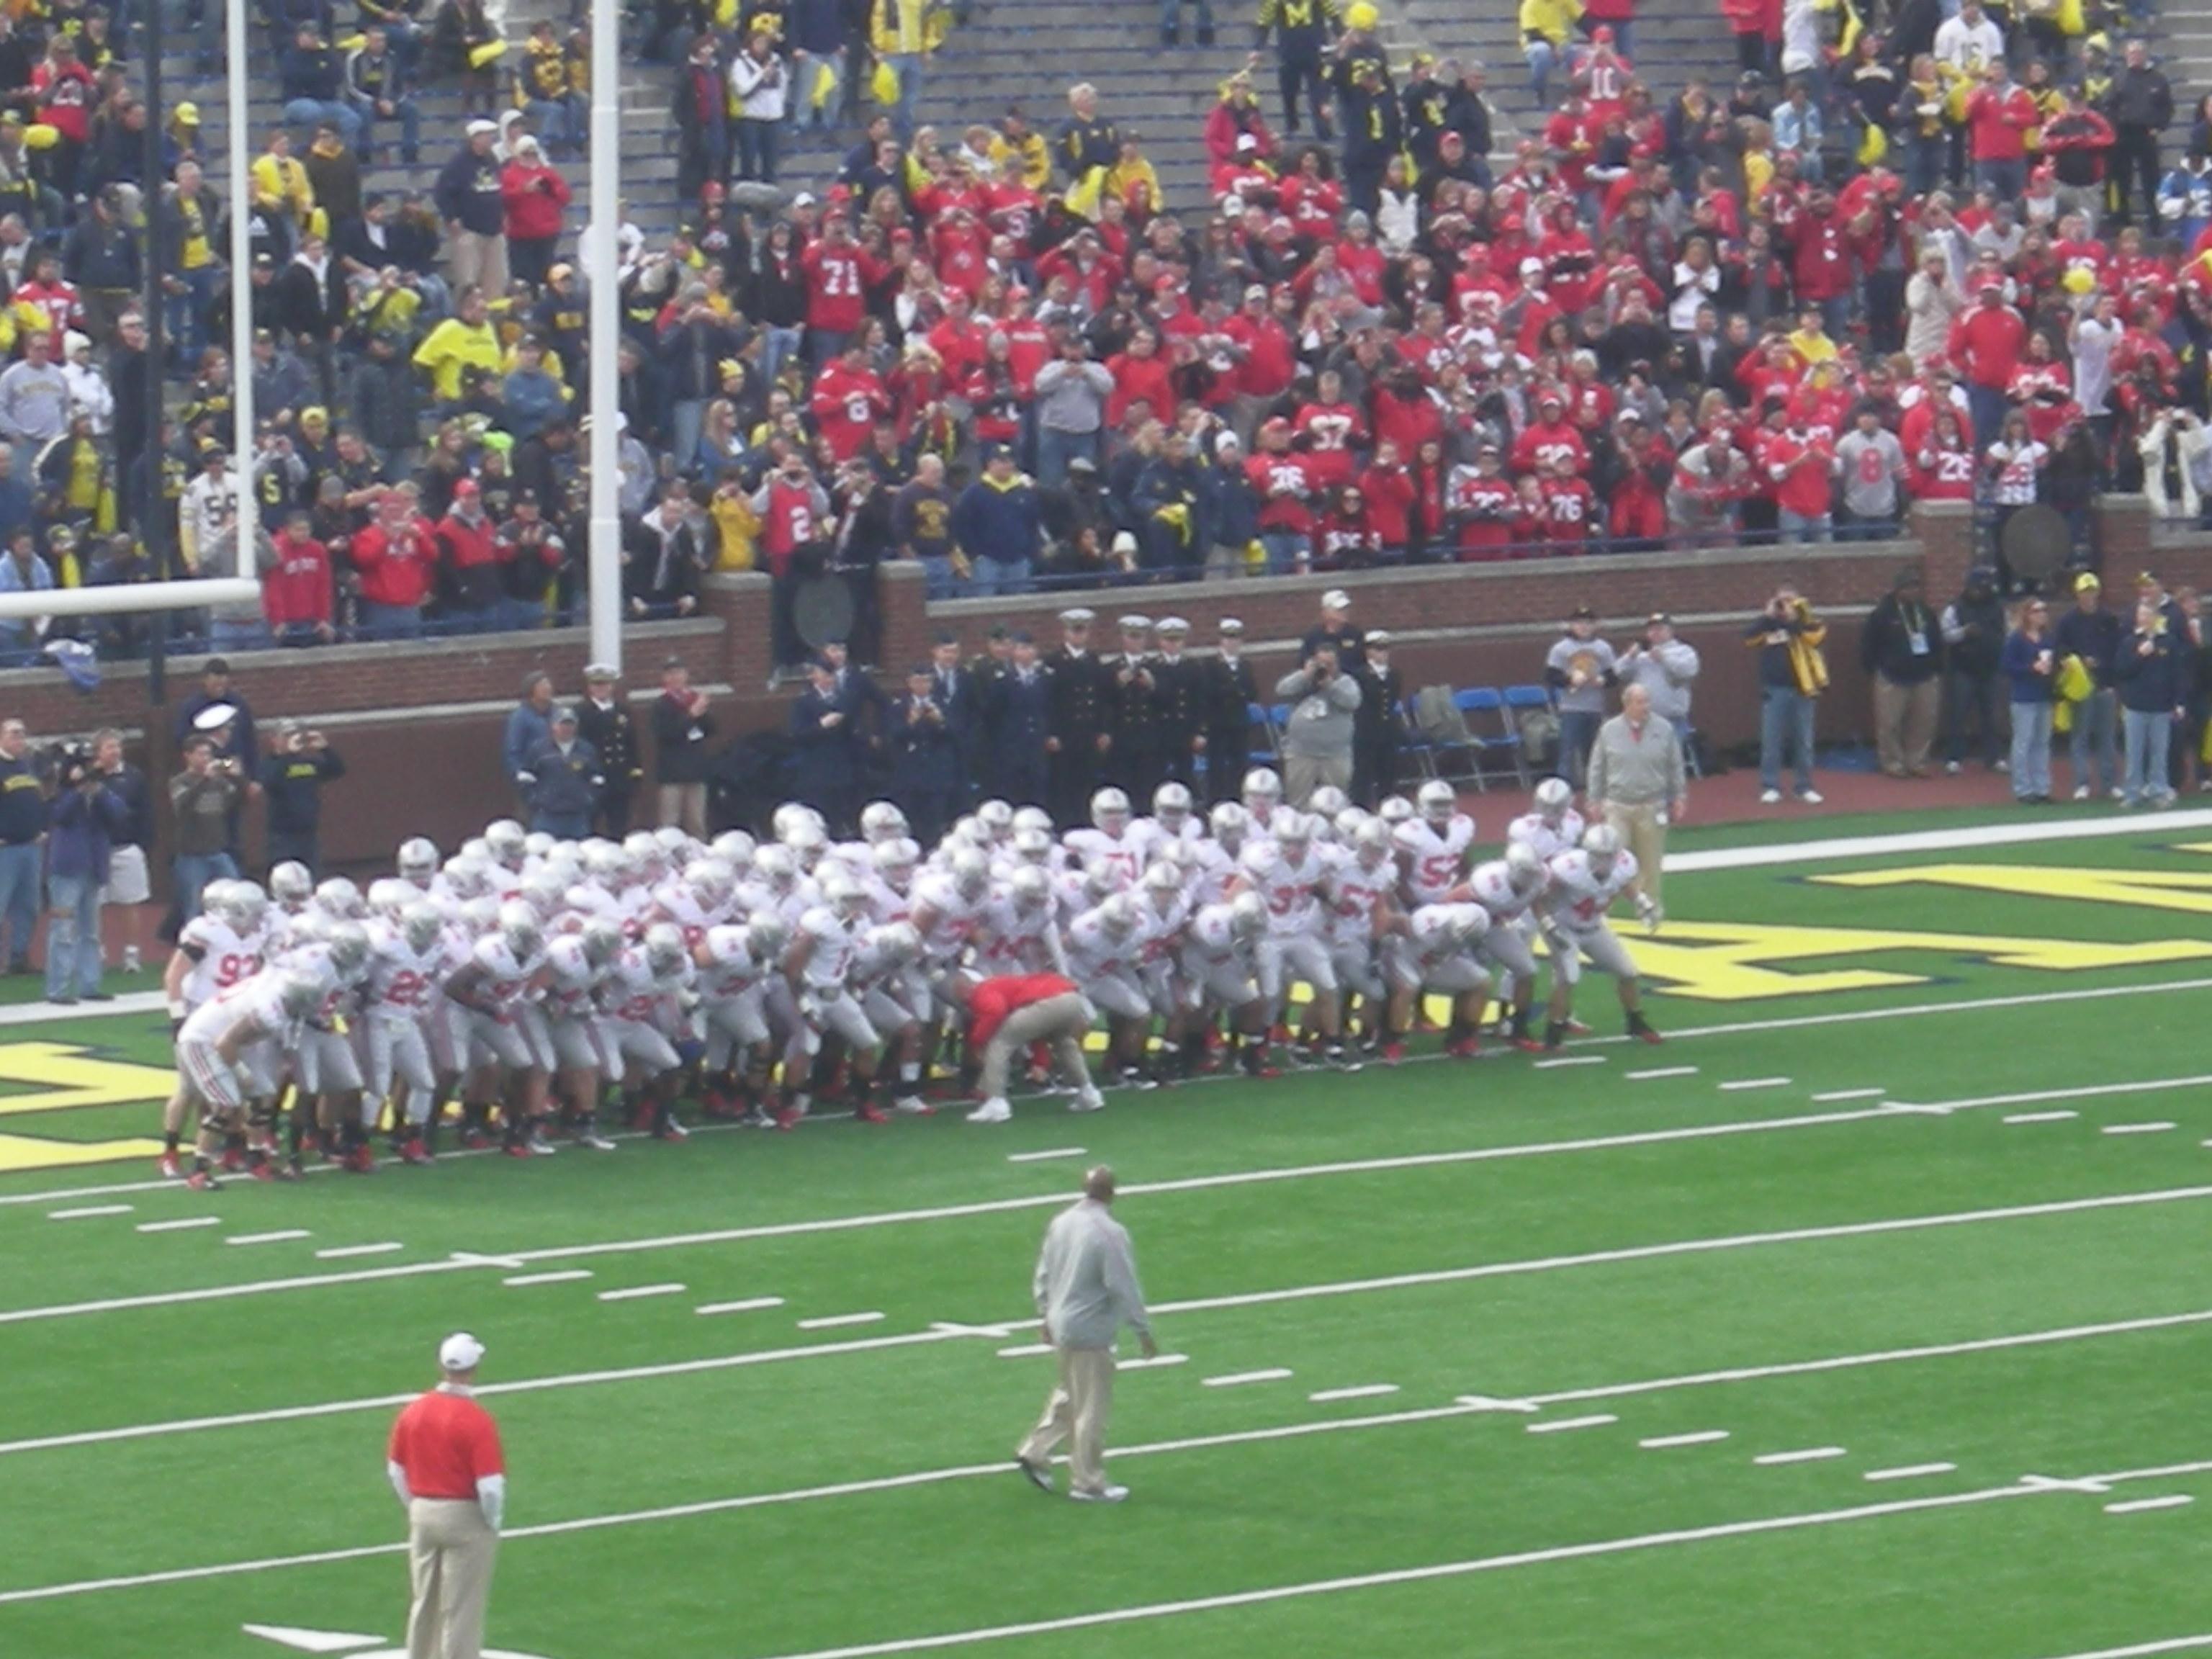 FileOhio State Vs Michigan Football 2011 01 Ohio Pre Game